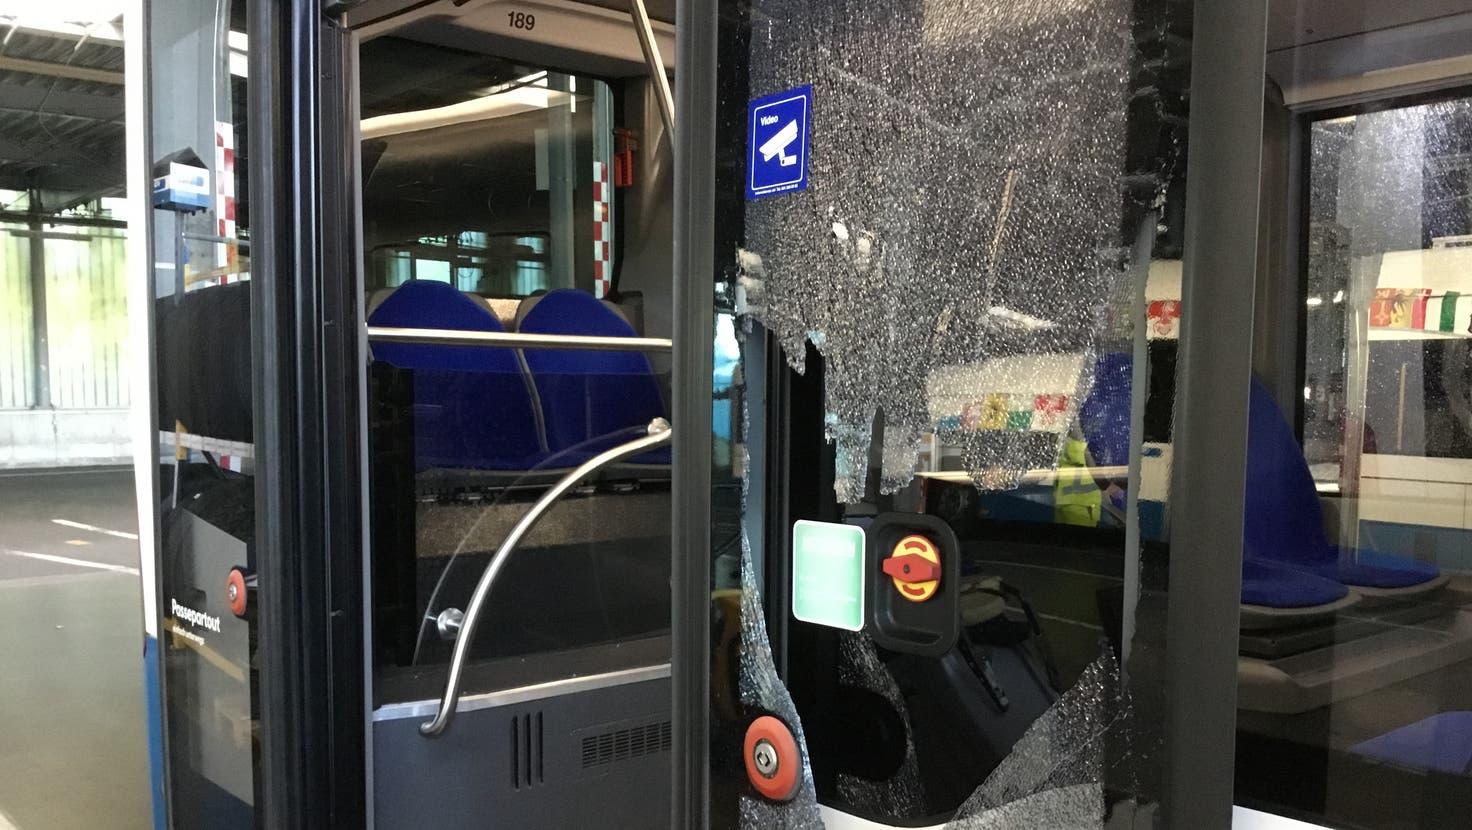 Die demolierte Tür eines VBL-Busses. (Bild: pd)